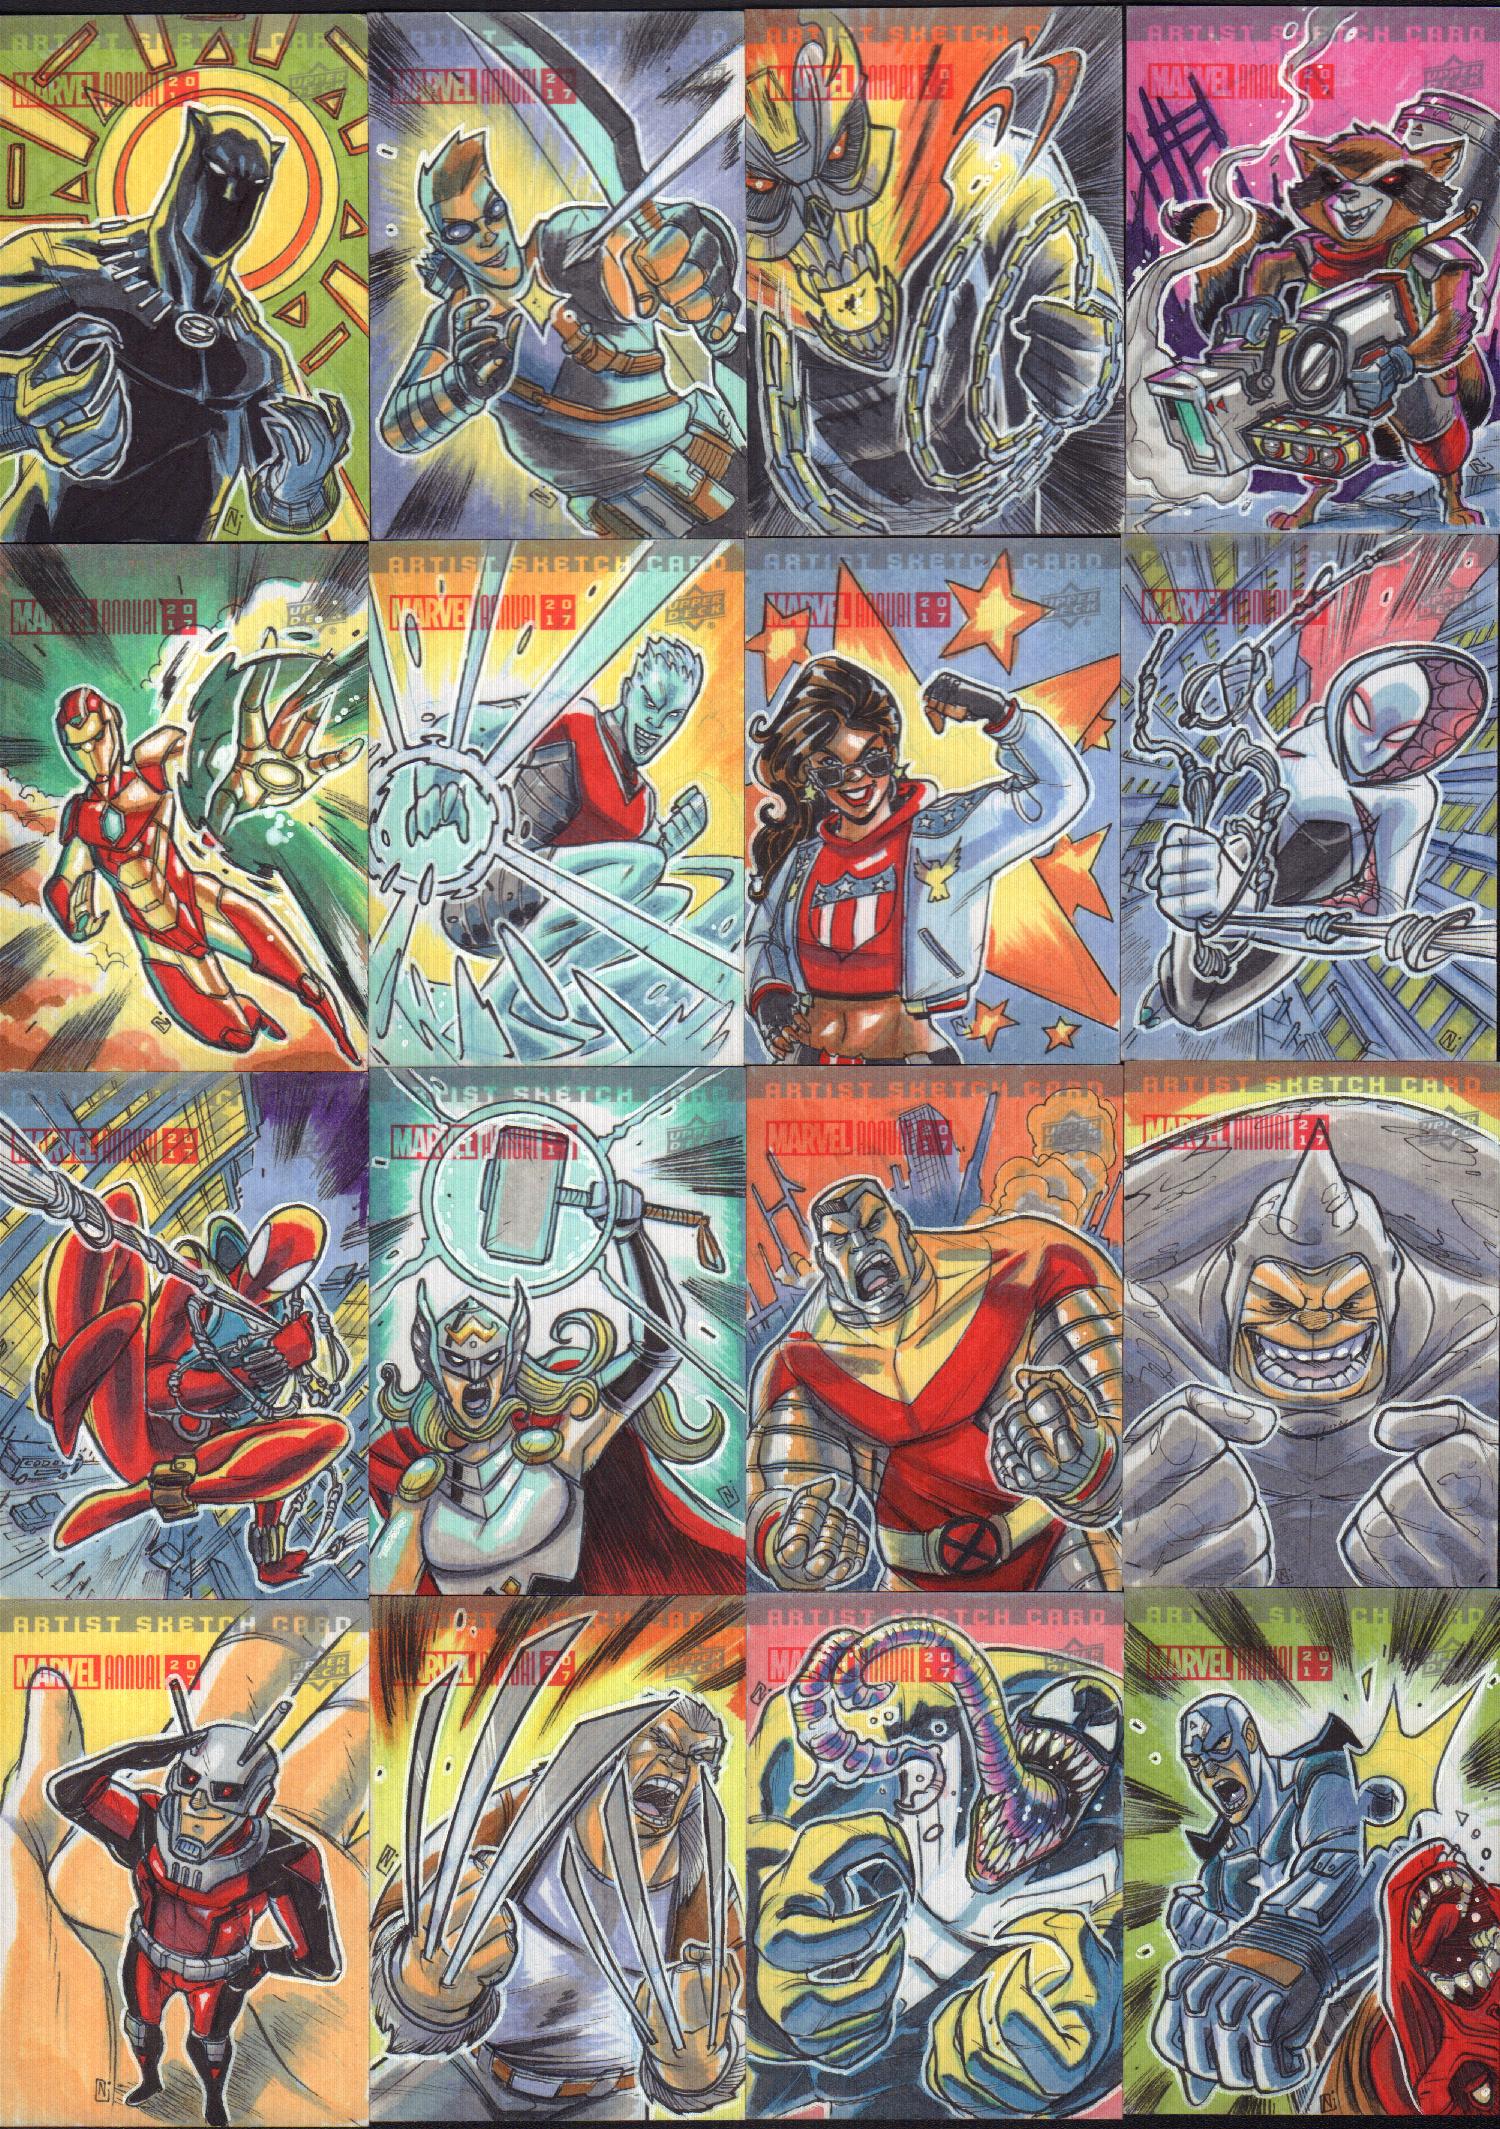 marvelcards1.jpg